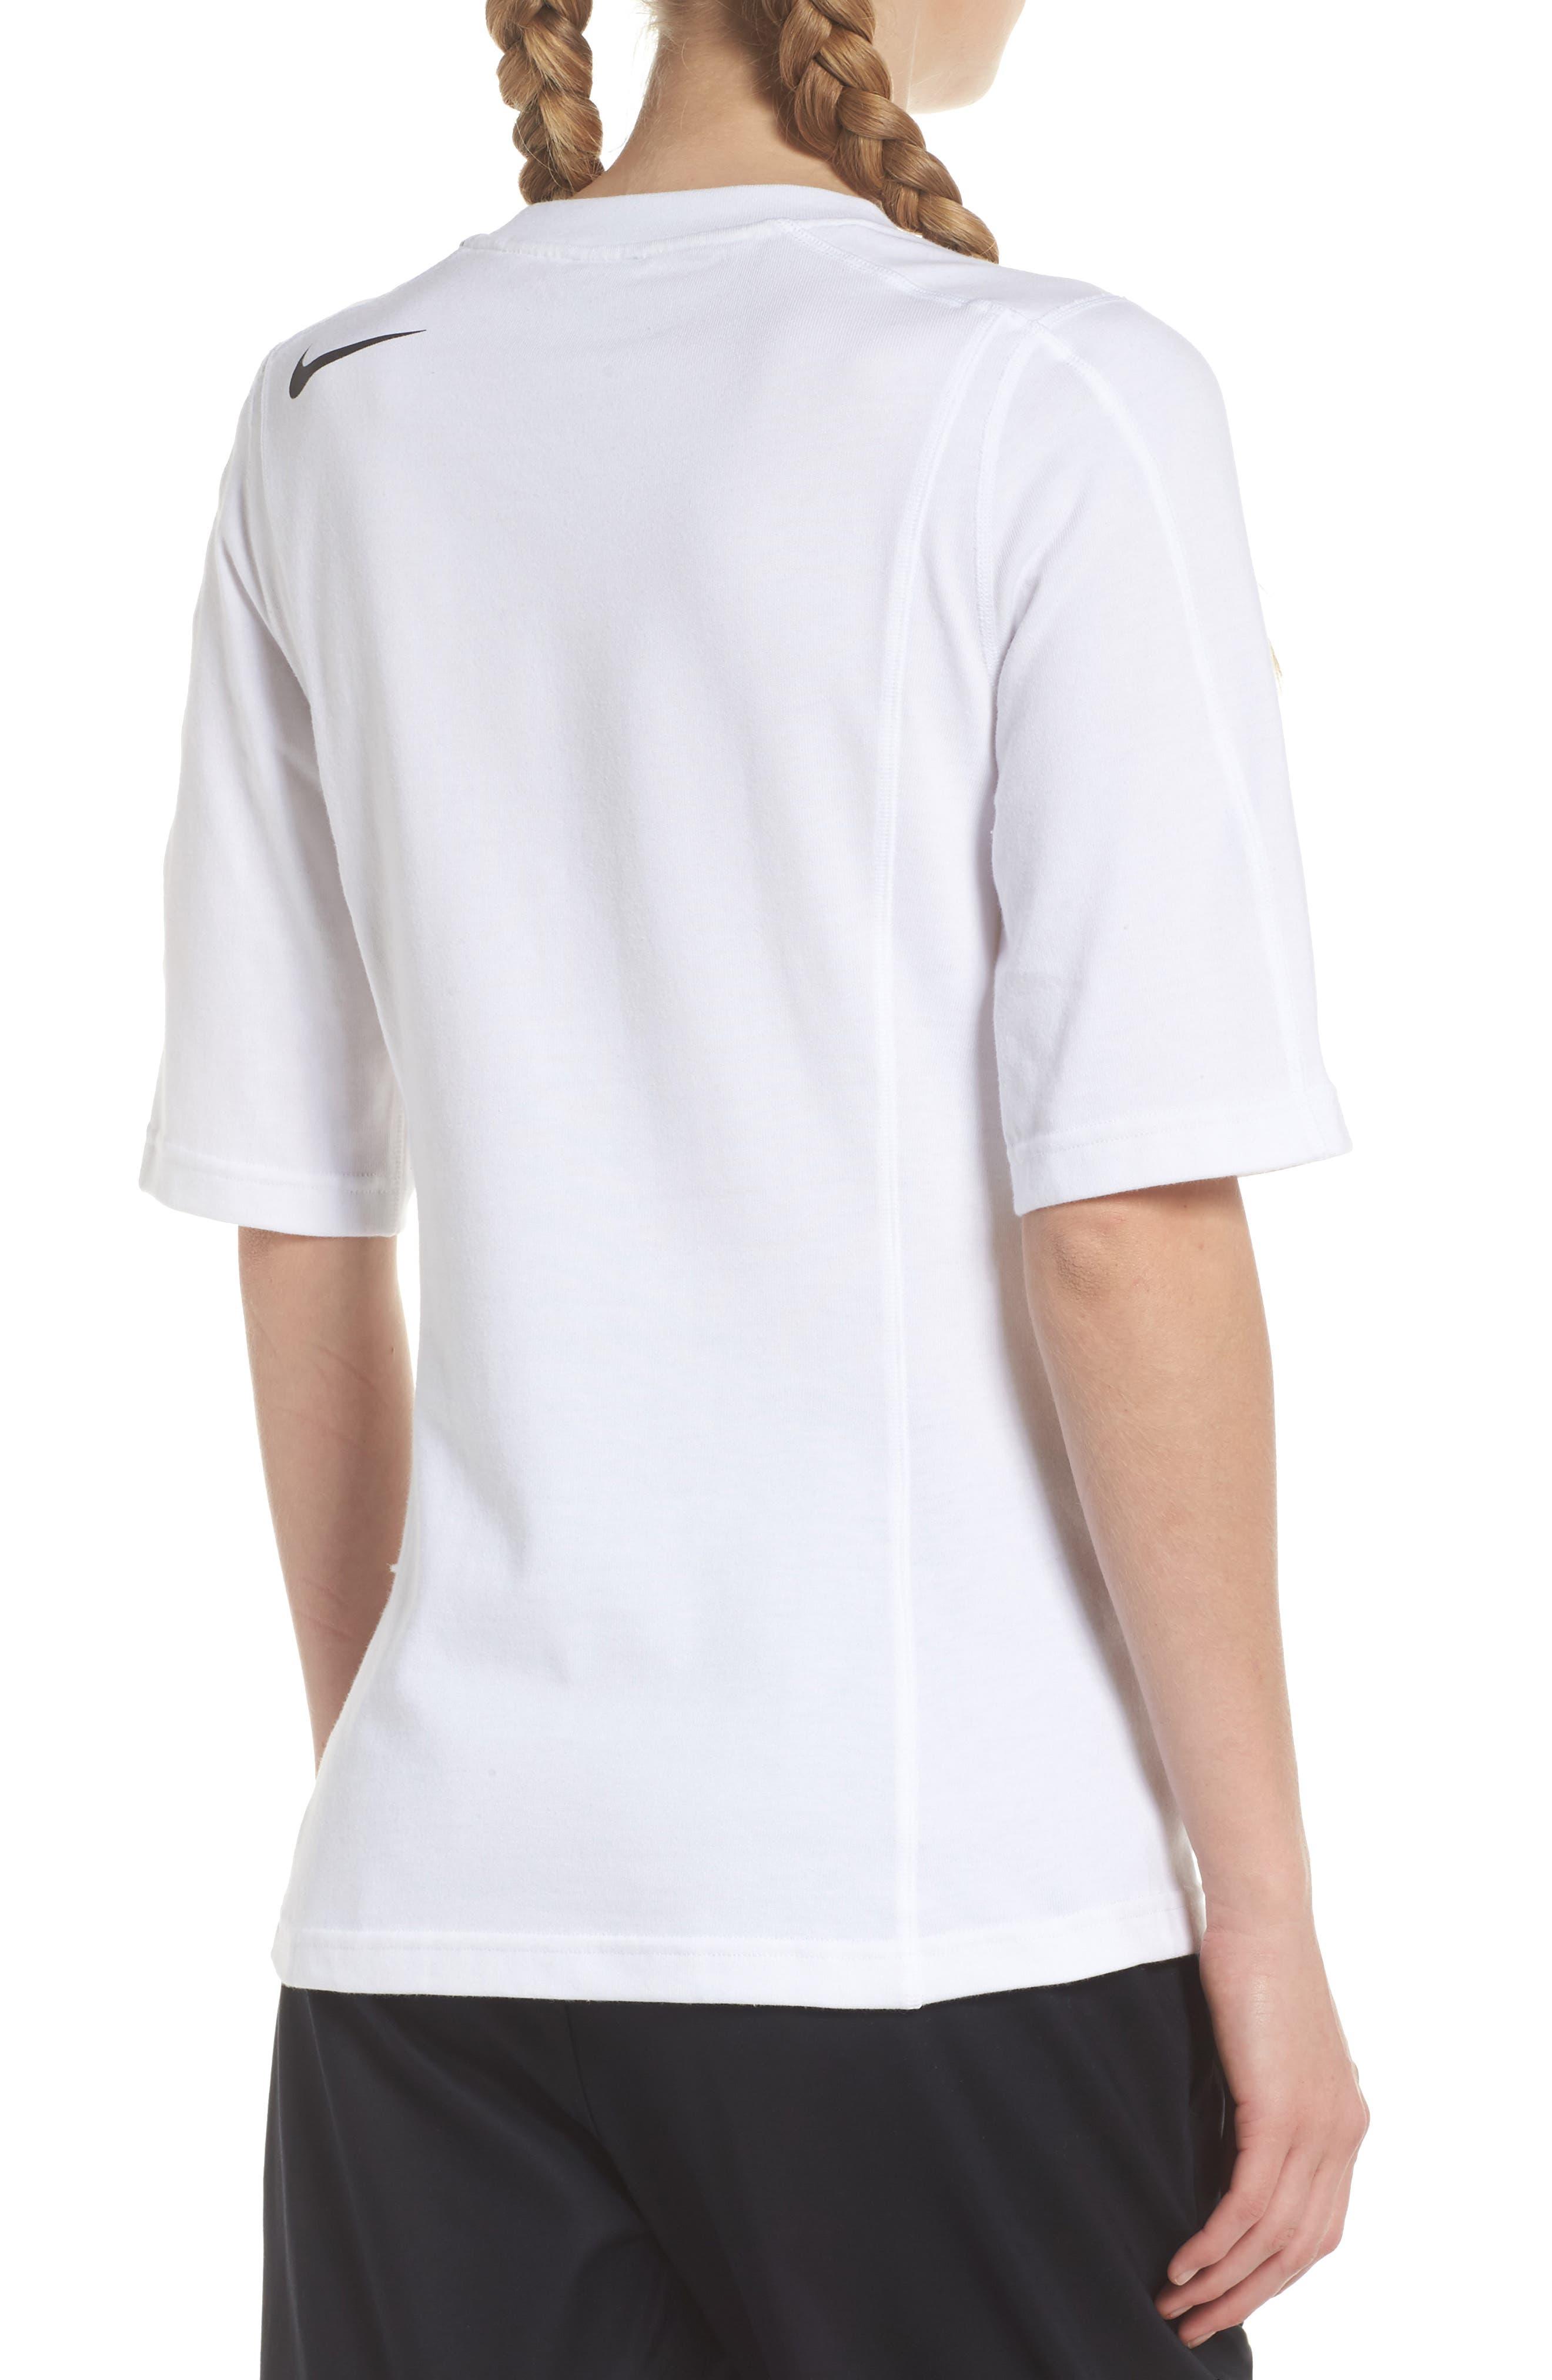 NikeLab AGC Tee,                             Alternate thumbnail 2, color,                             White/ Black